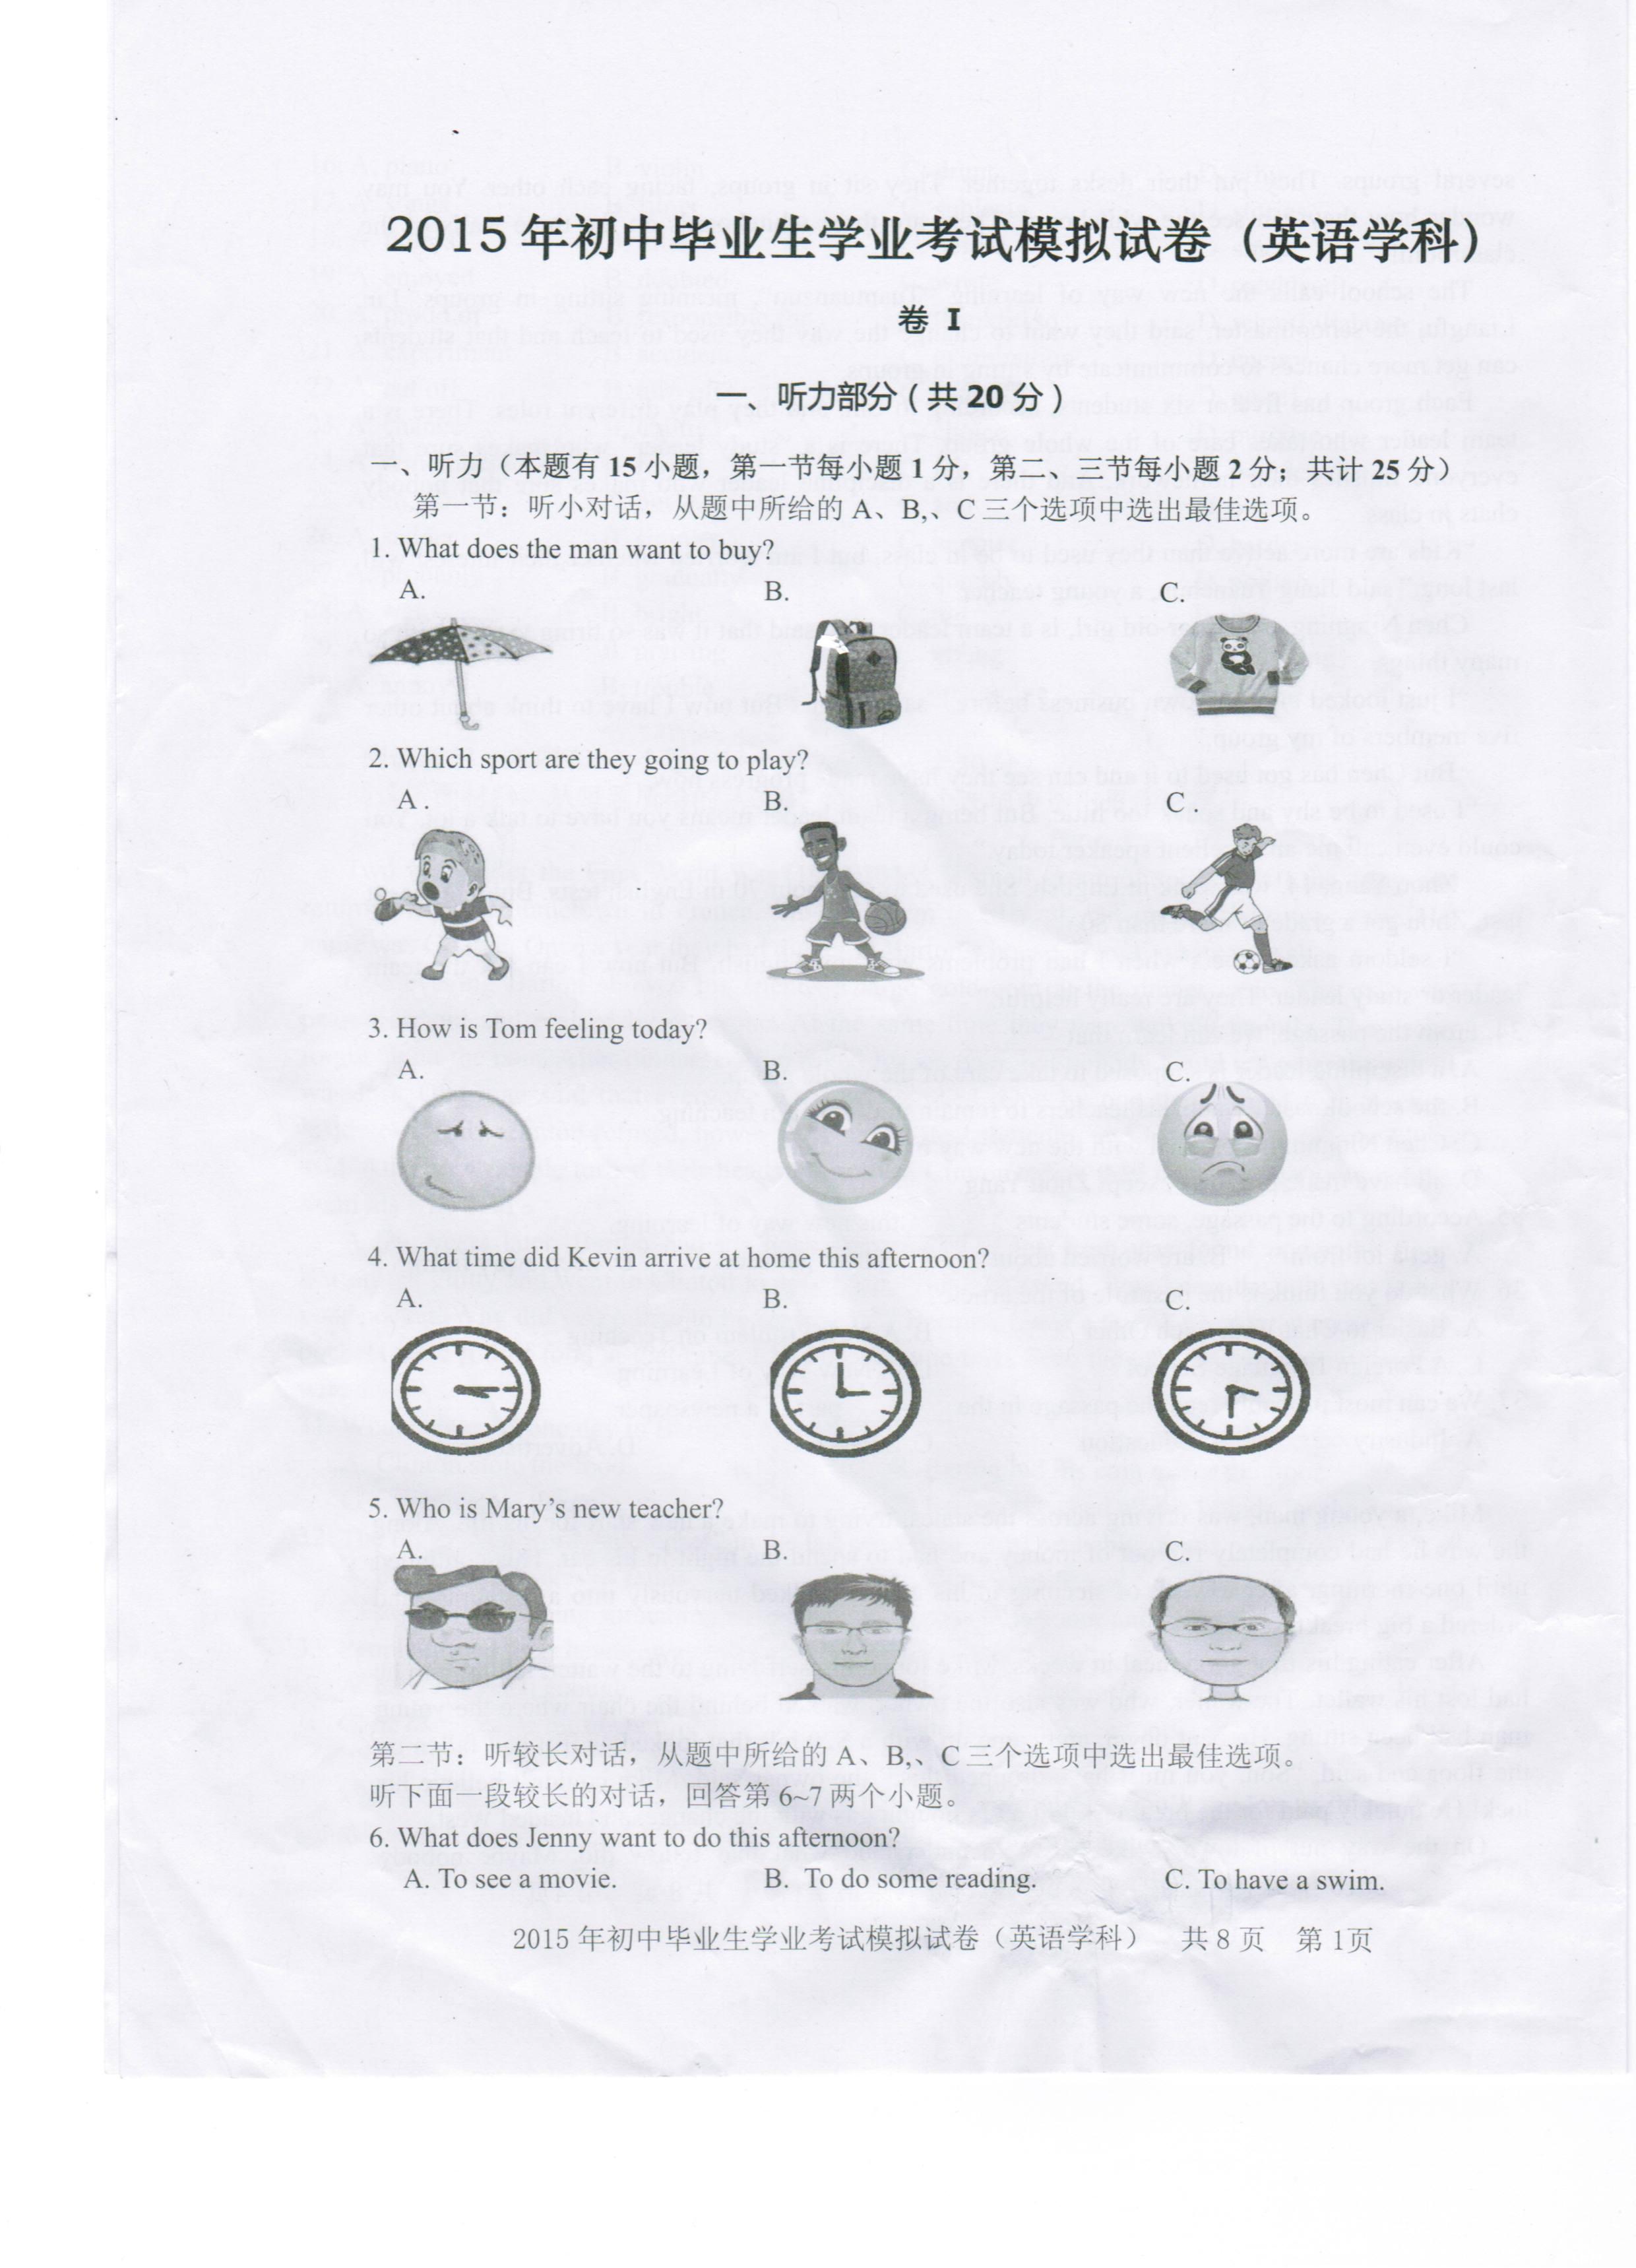 江北英语模拟卷1.jpg